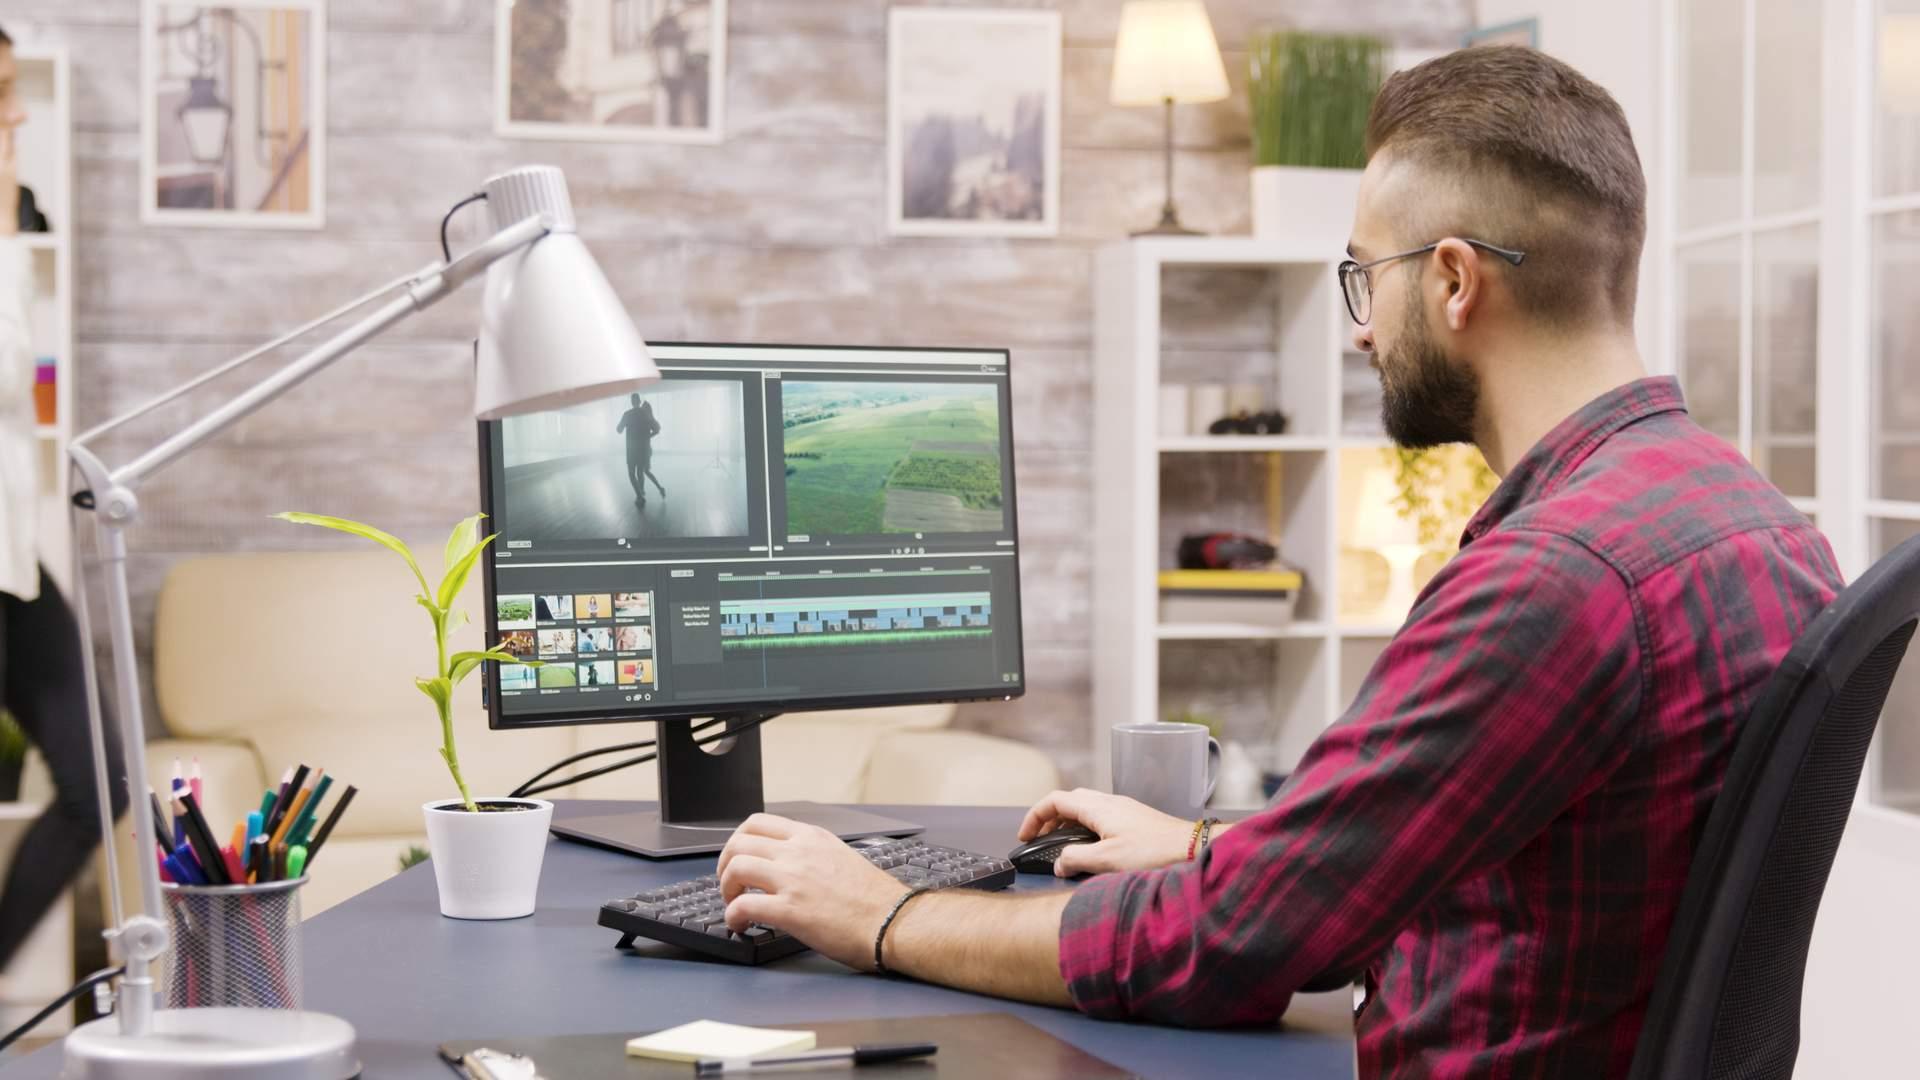 Homem branco olhando para tela de monitor enquanto trabalha em edição de vídeo